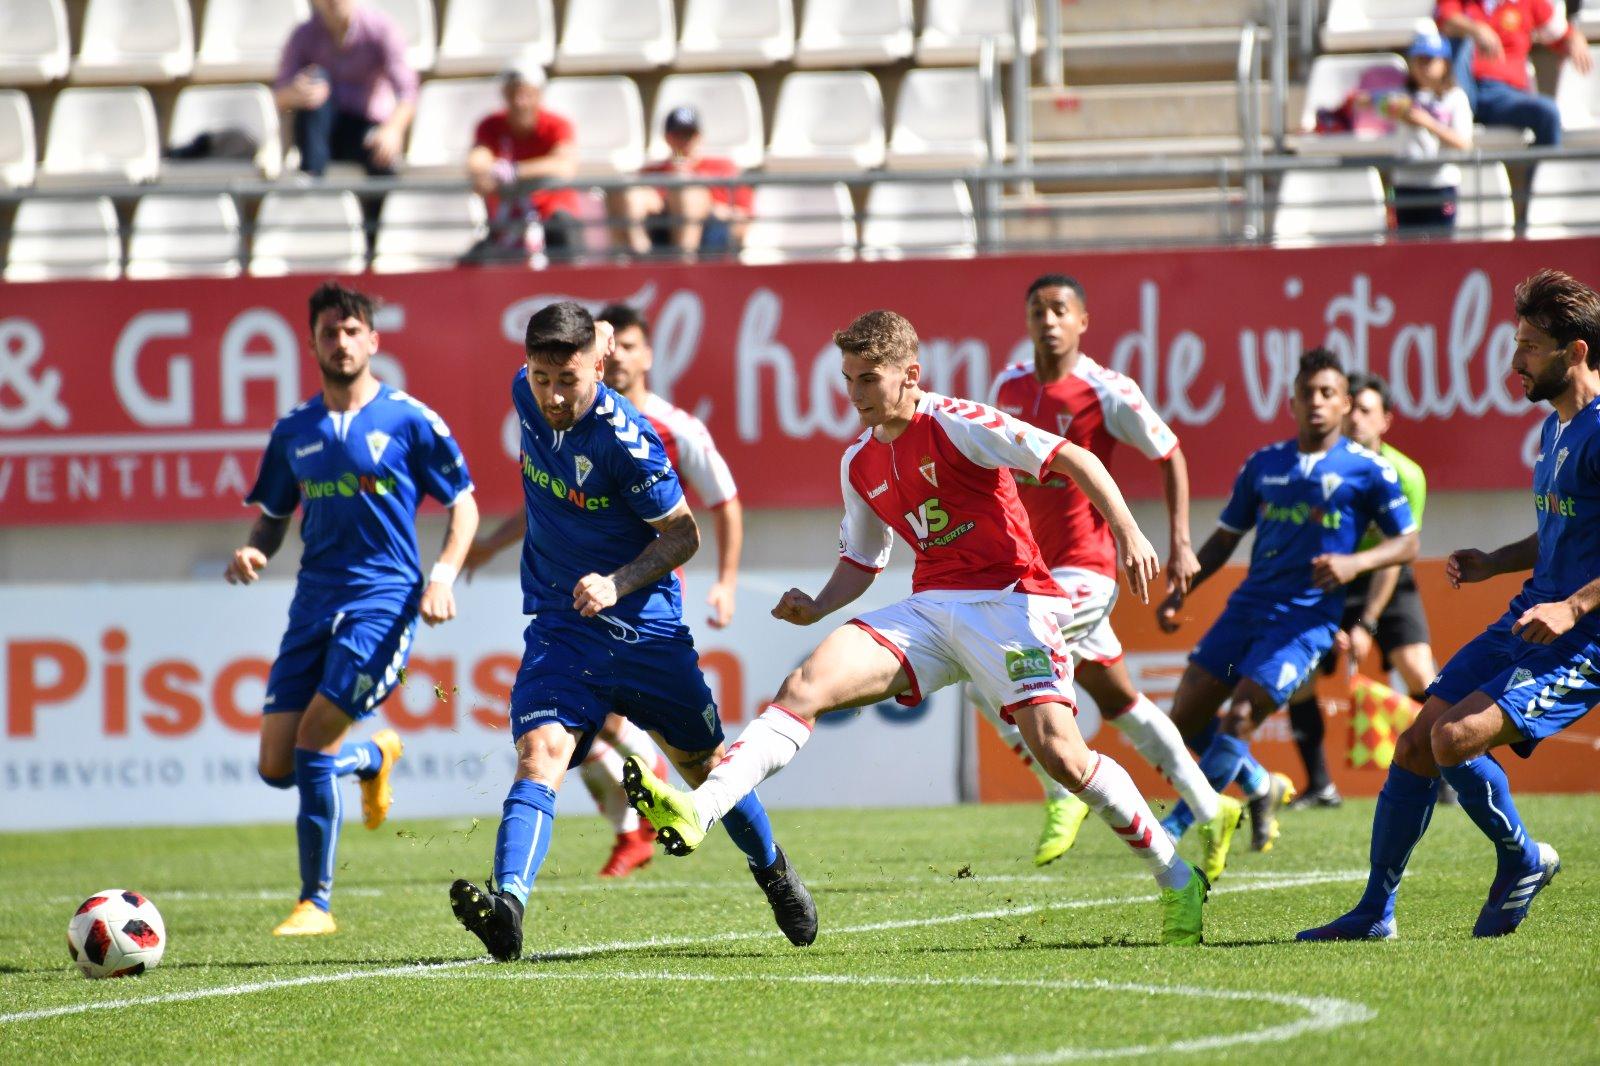 El Marbella Fc se trae un punto de Murcia( 1-1) y suma 8 jornadas ...